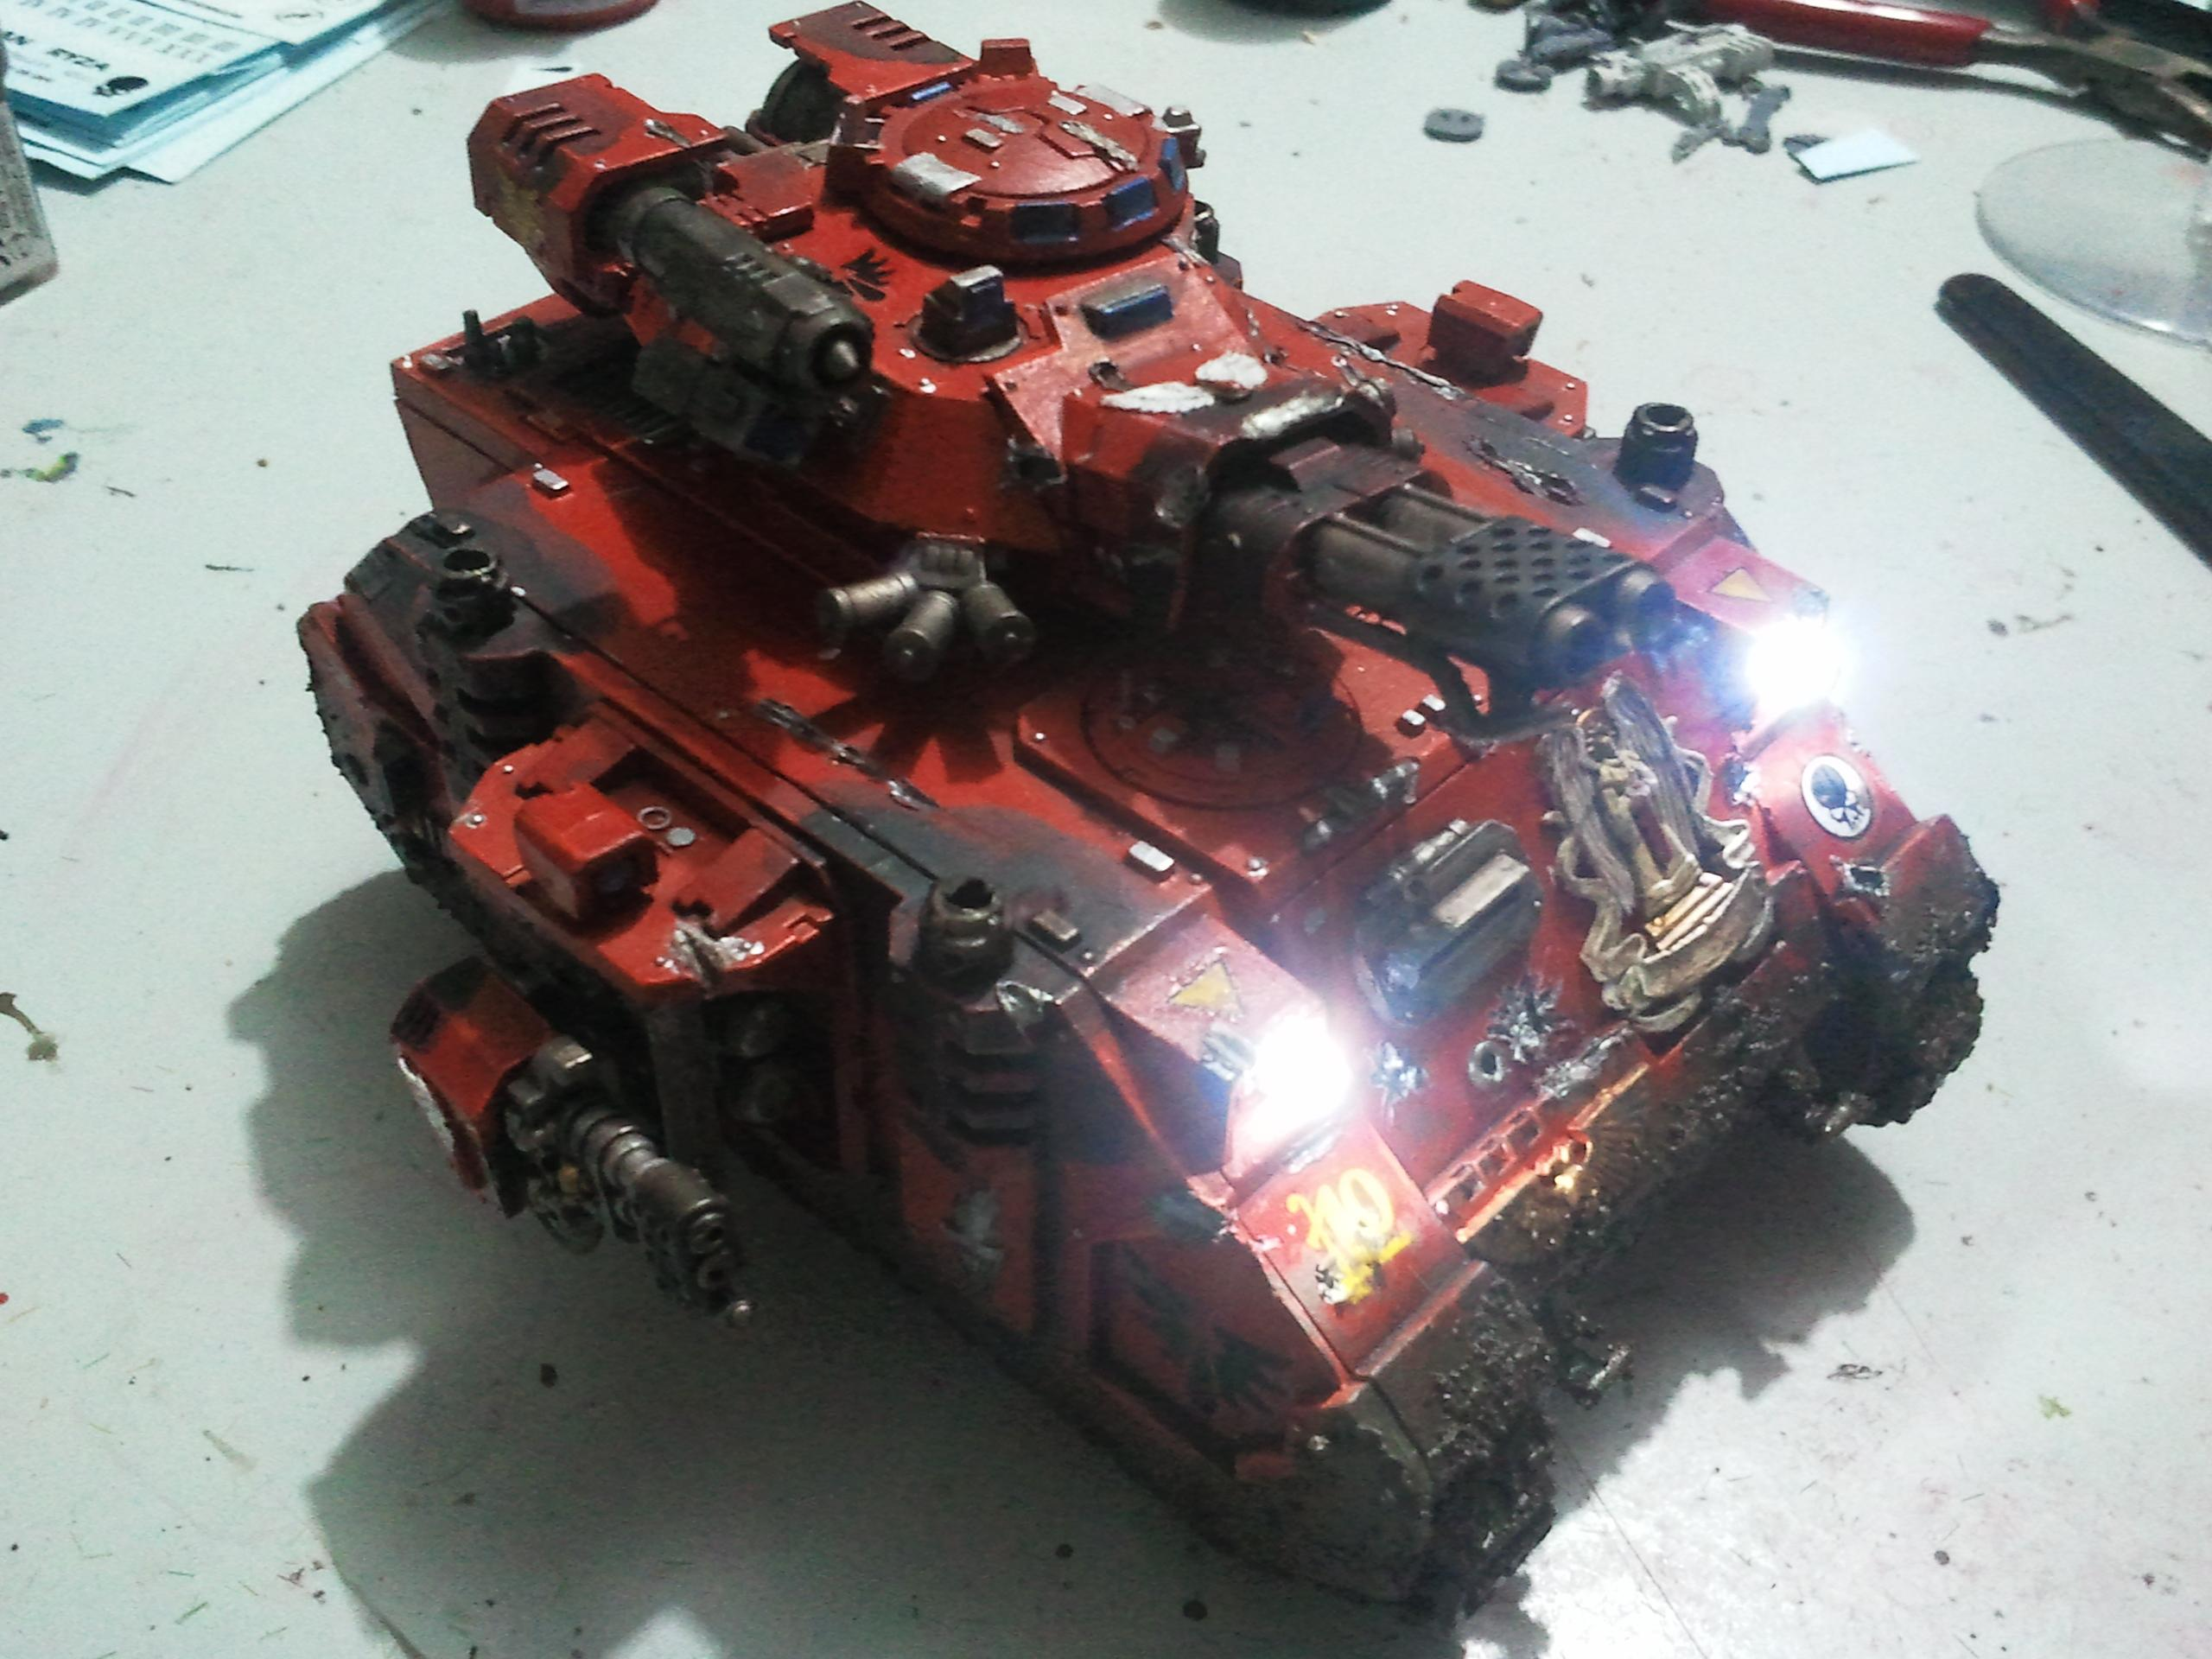 Baal Predator, Blood Angels, LED, Space Marines, Tank, Warhammer 40,000